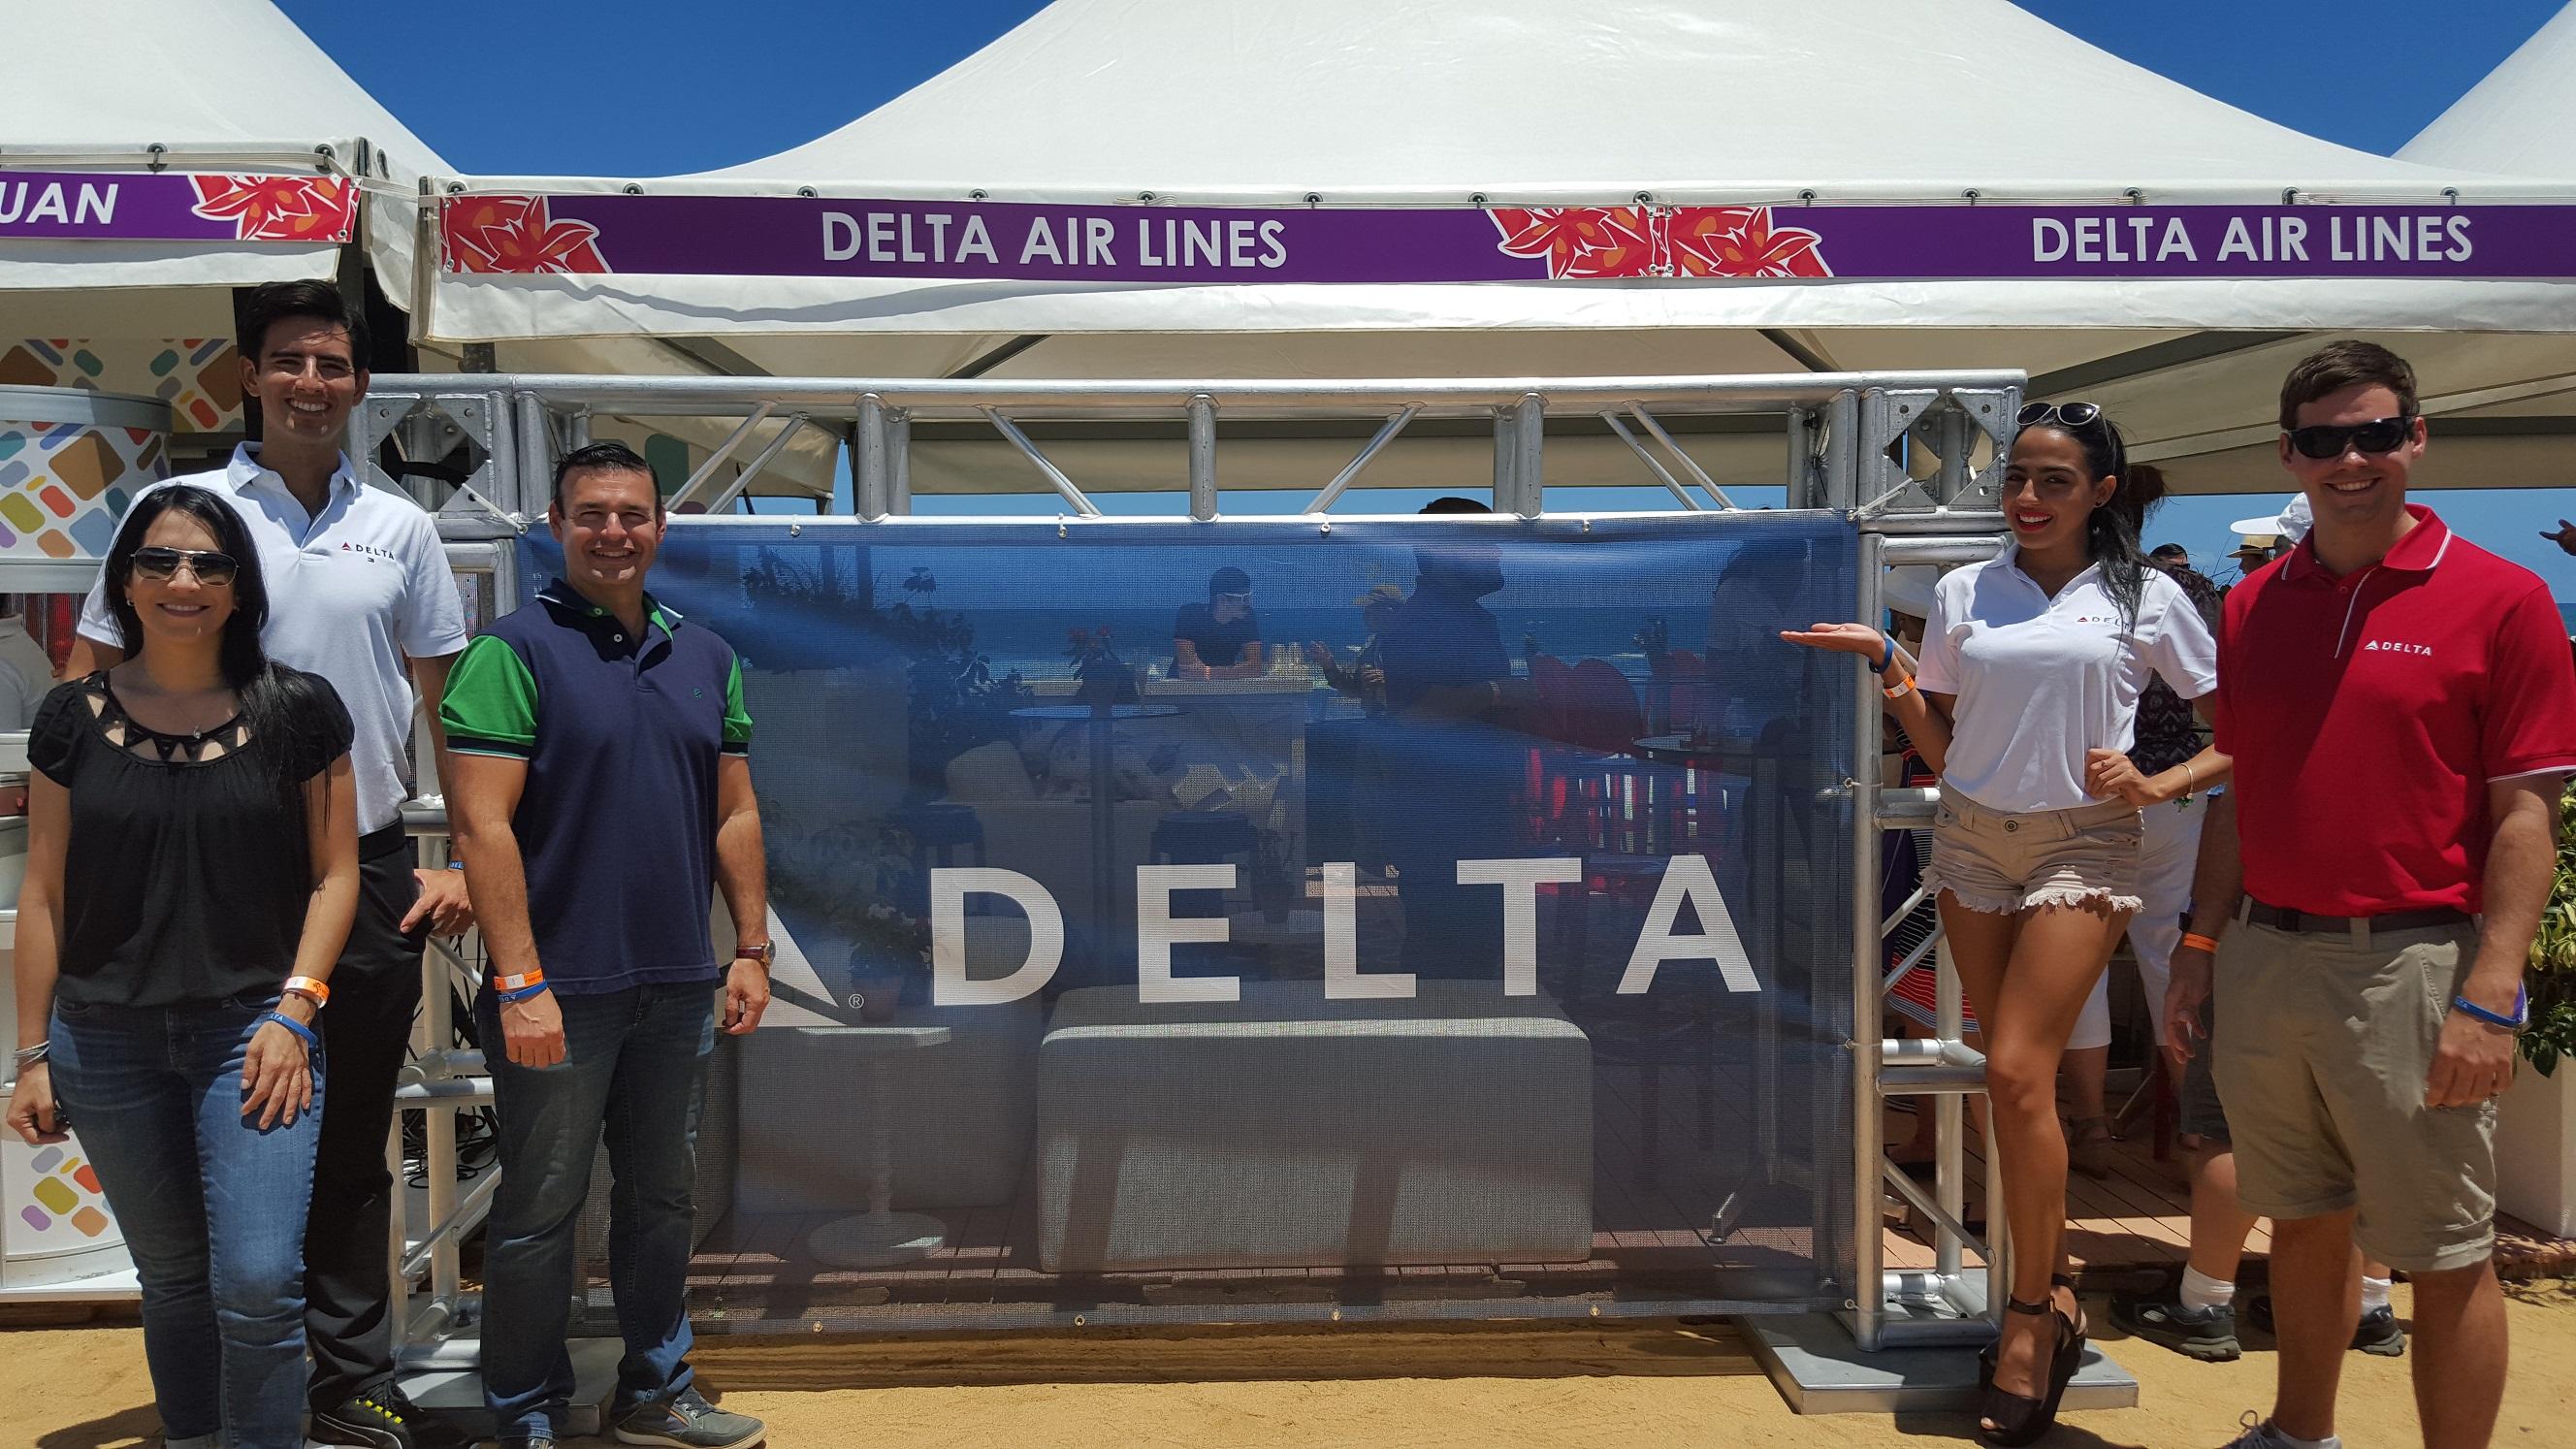 Delta booth at Saborea PR team